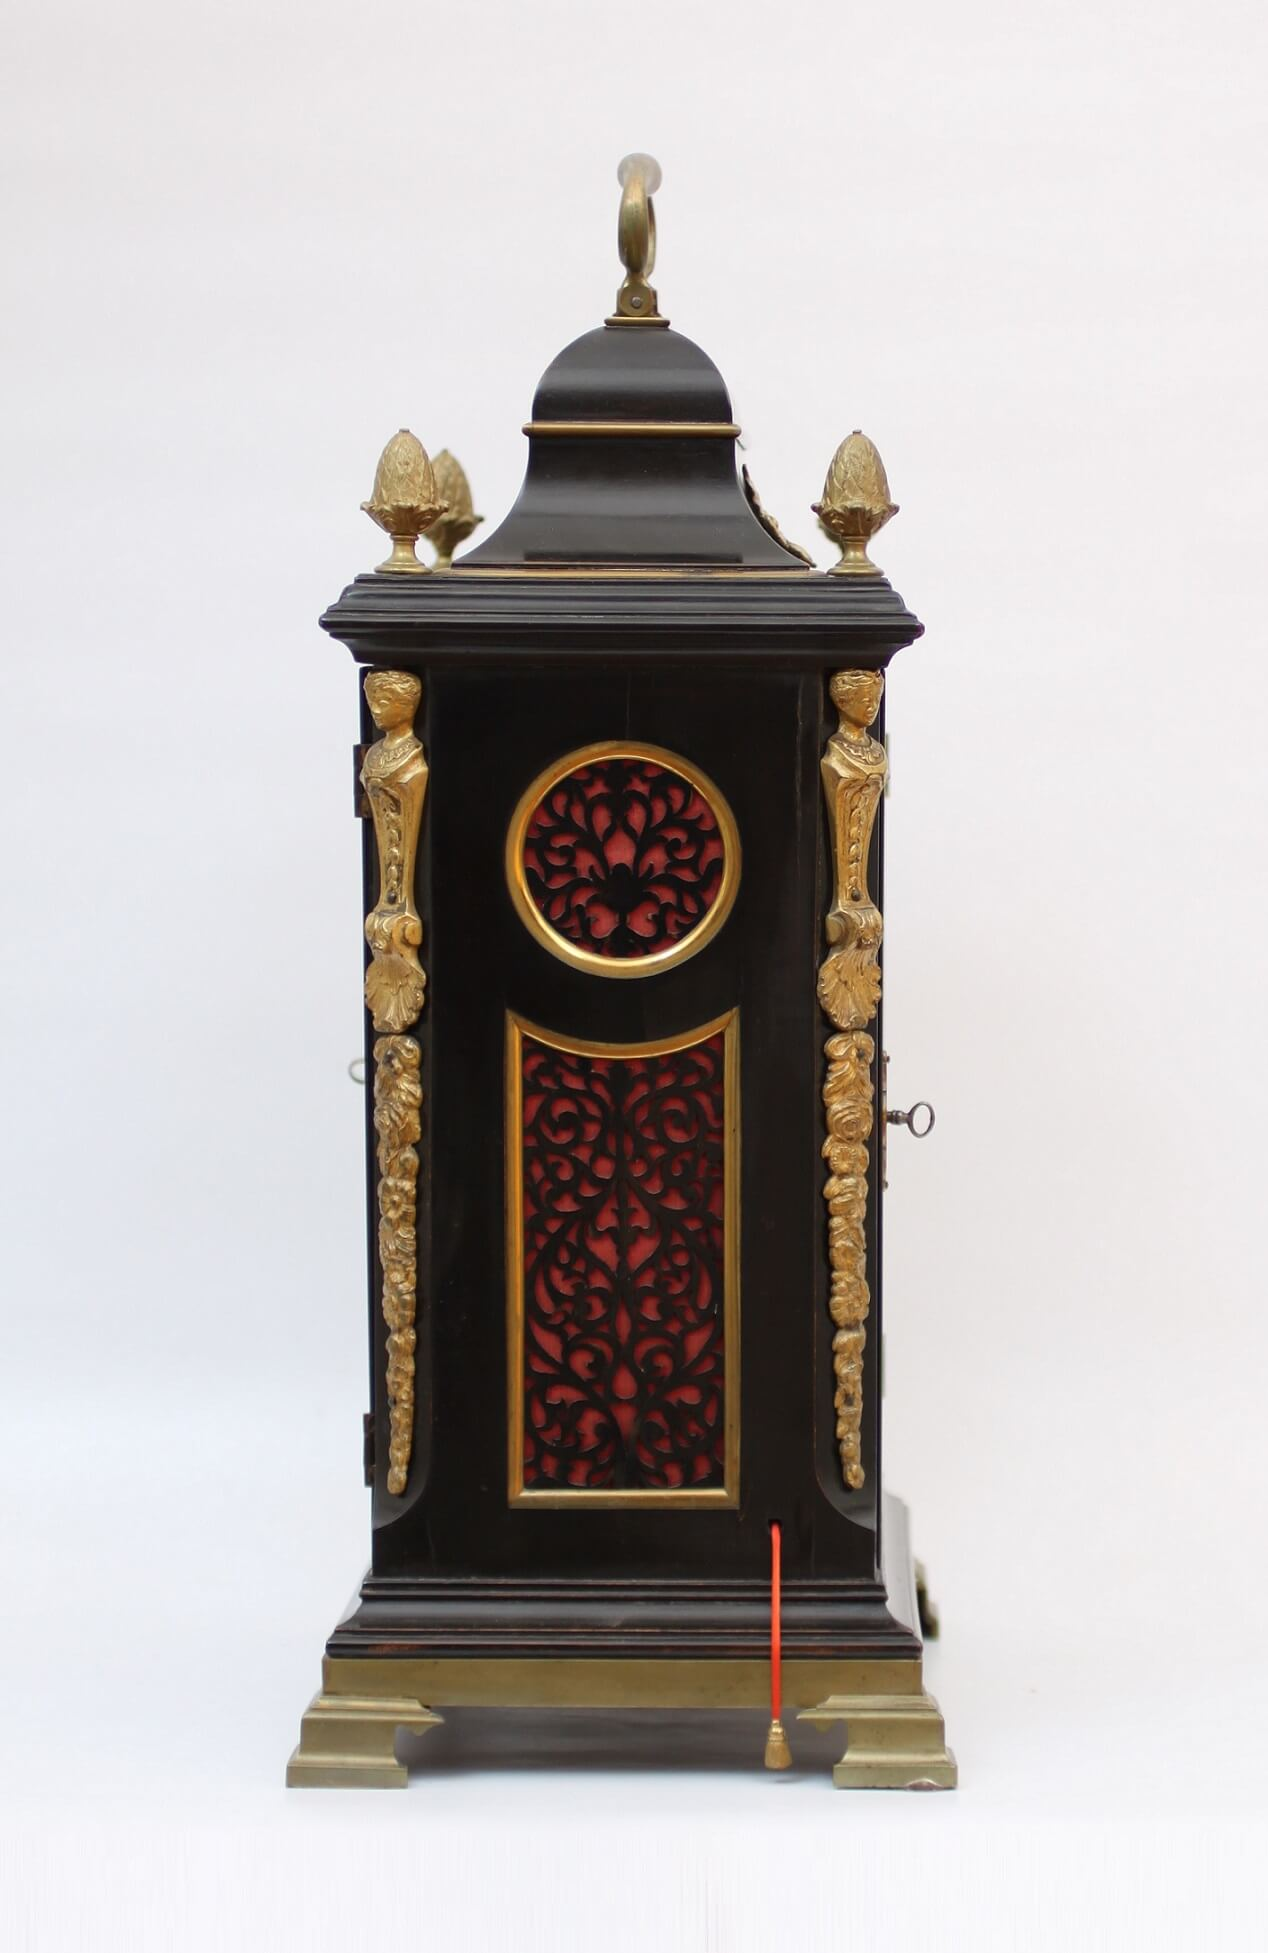 Engels-Tafelklok-Rimabault-antieke-klok-18de-eeuw3